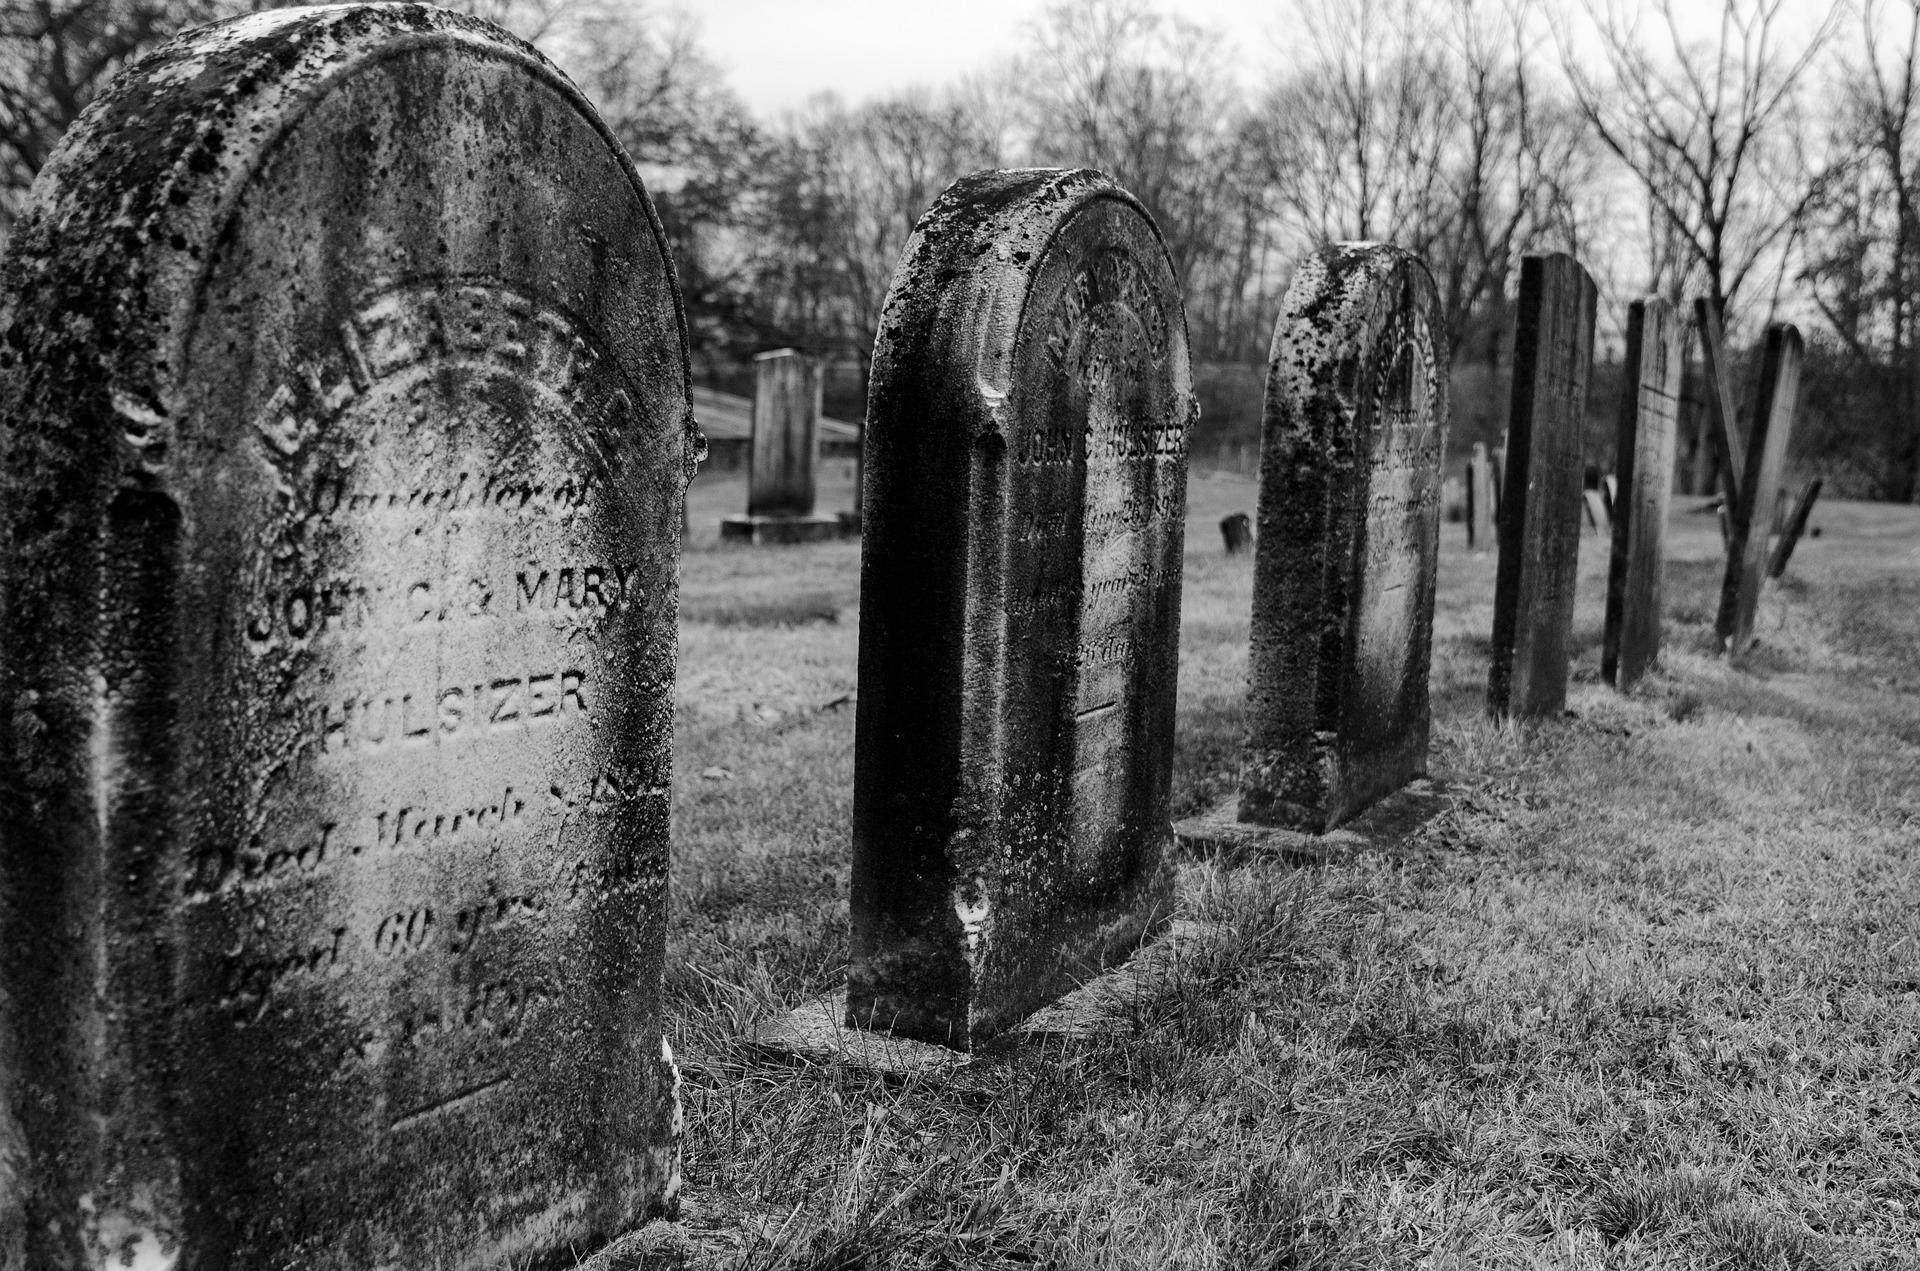 Mary Shelley: conheça 3 fatos que tornaram a autora um ícone gótico